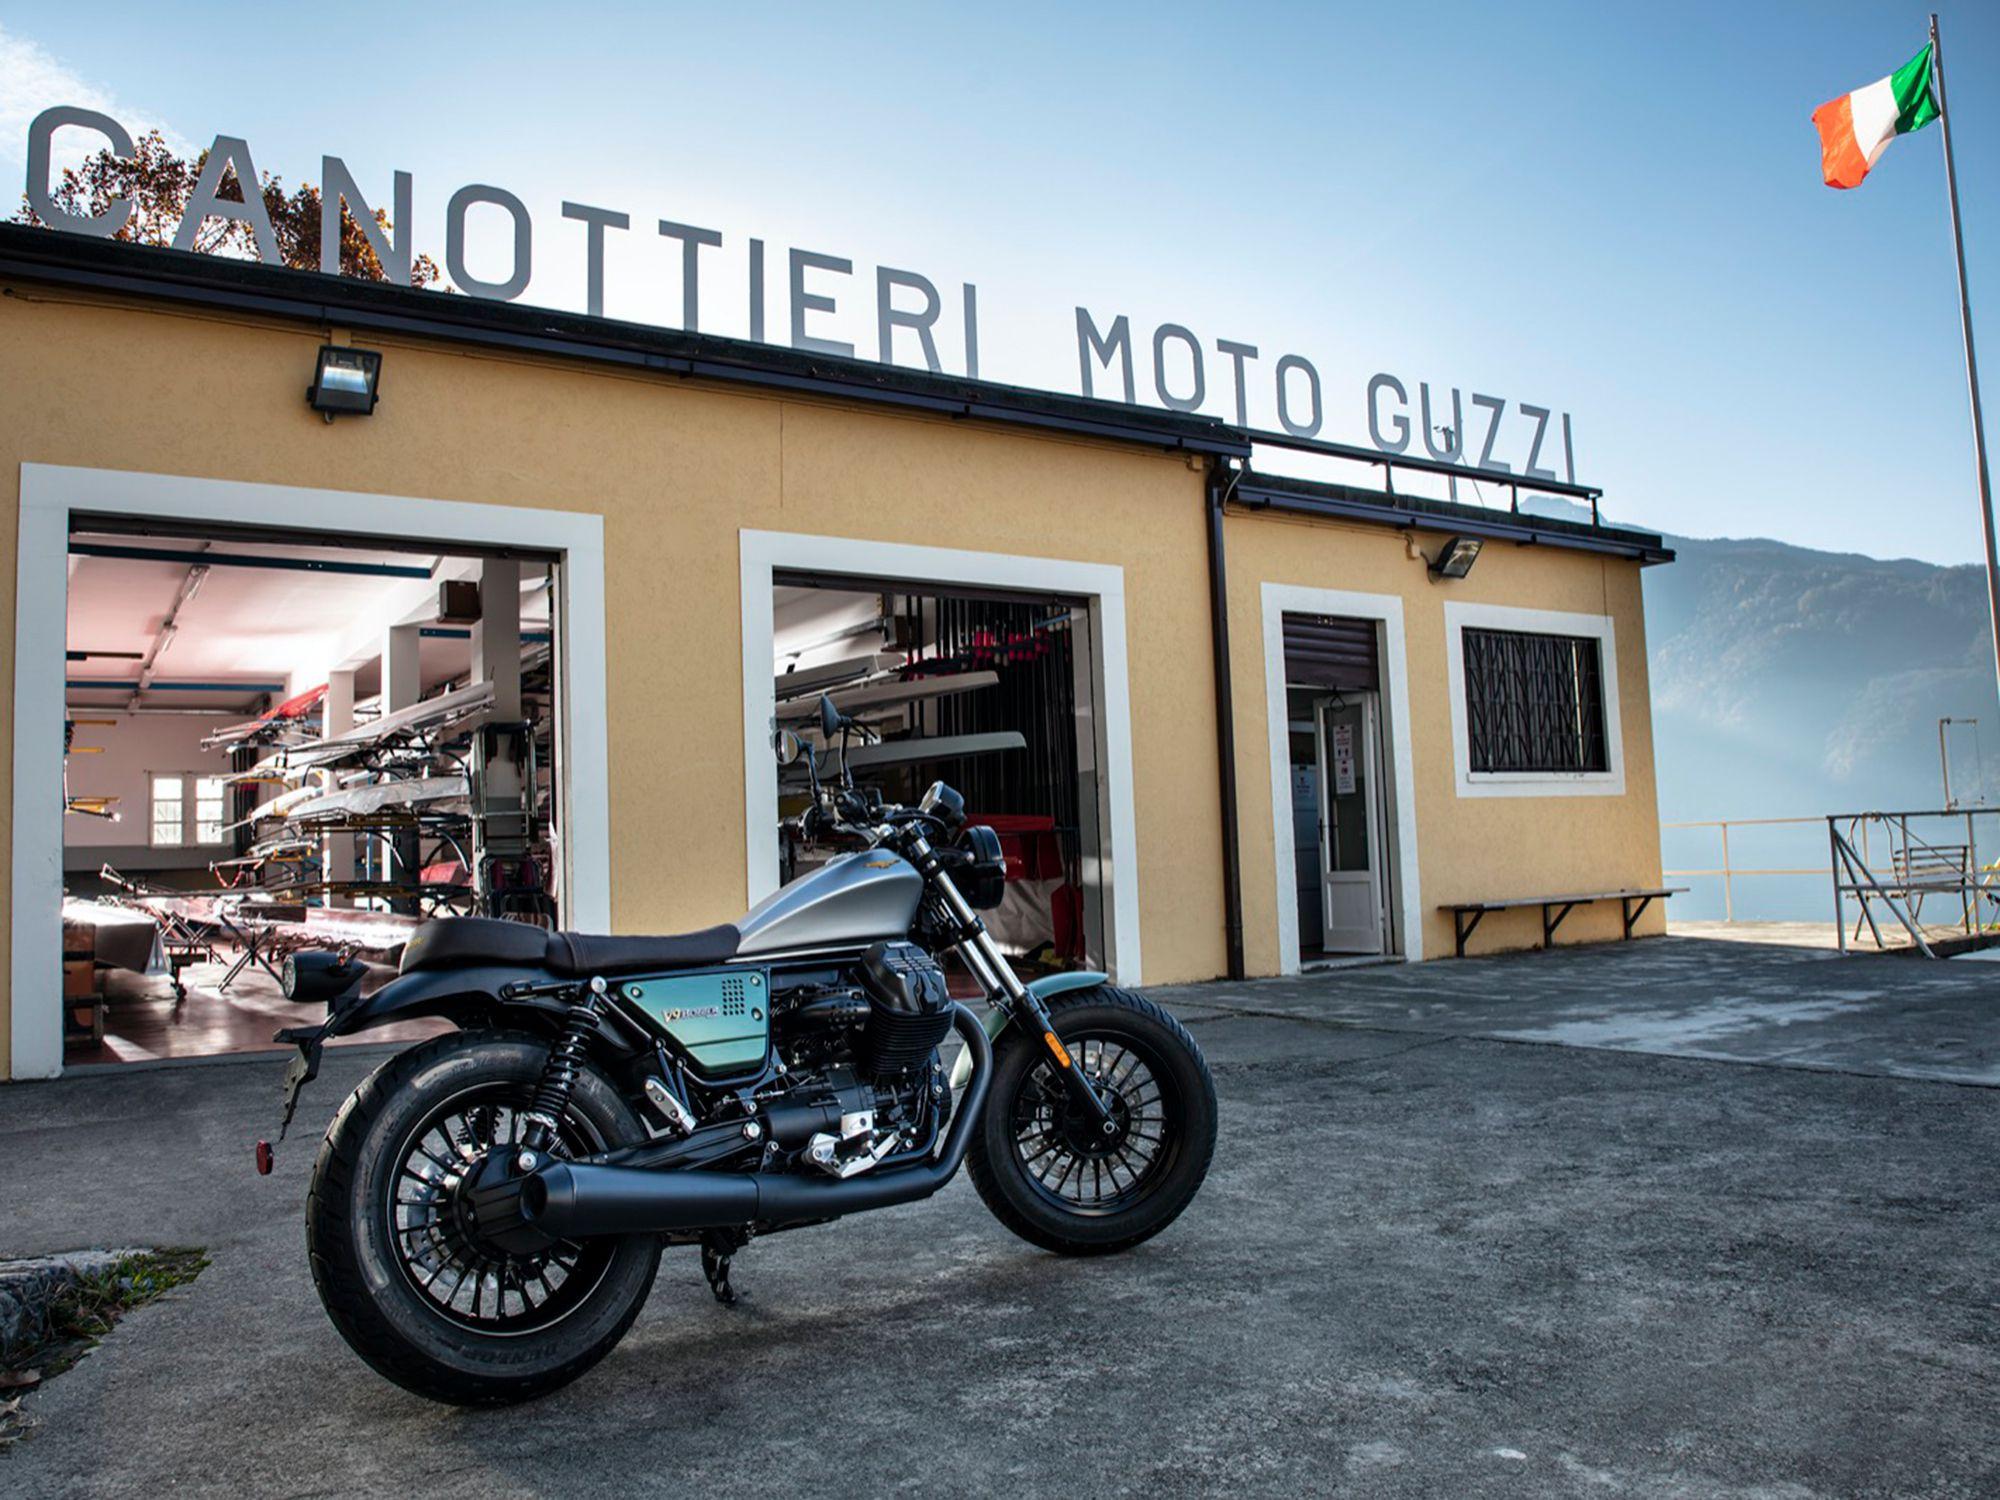 V9 Bobber перед гребным клубом Moto Guzzi. Да, есть гребной клуб.